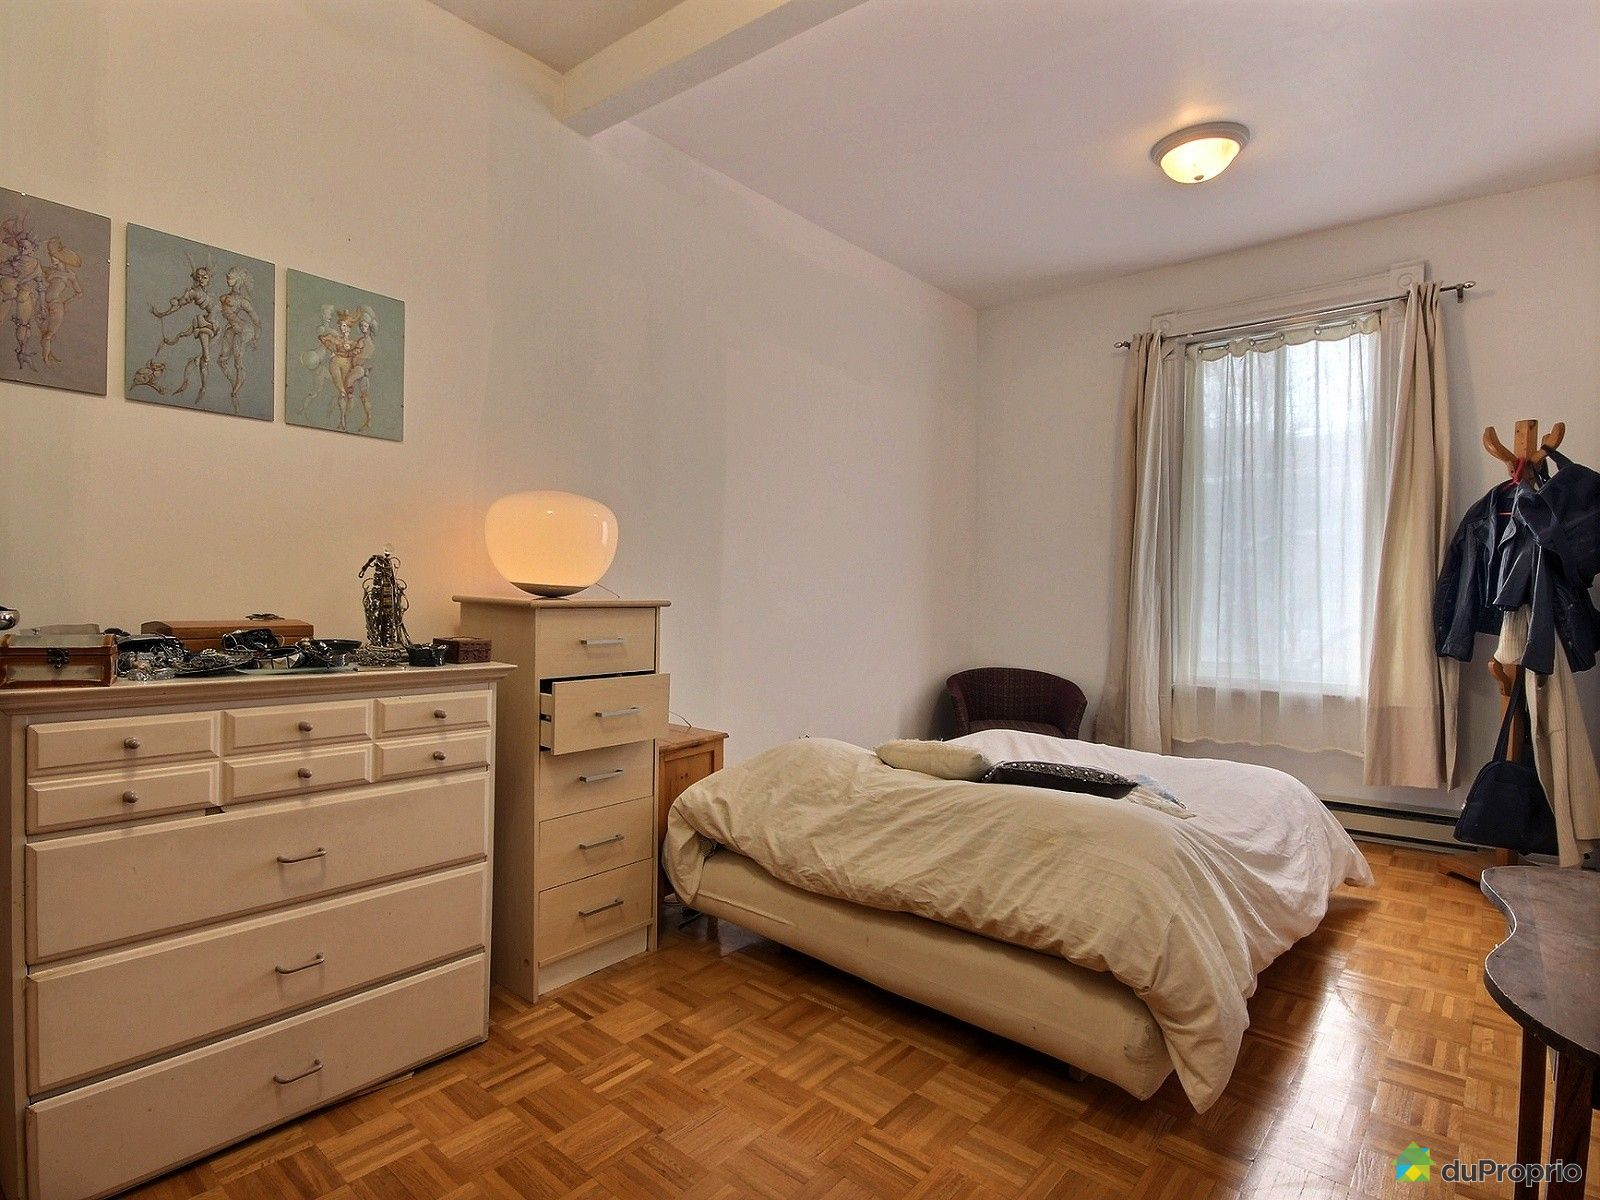 Duplex Vendre Montr Al 6032 34 Rue D 39 Aragon Immobilier